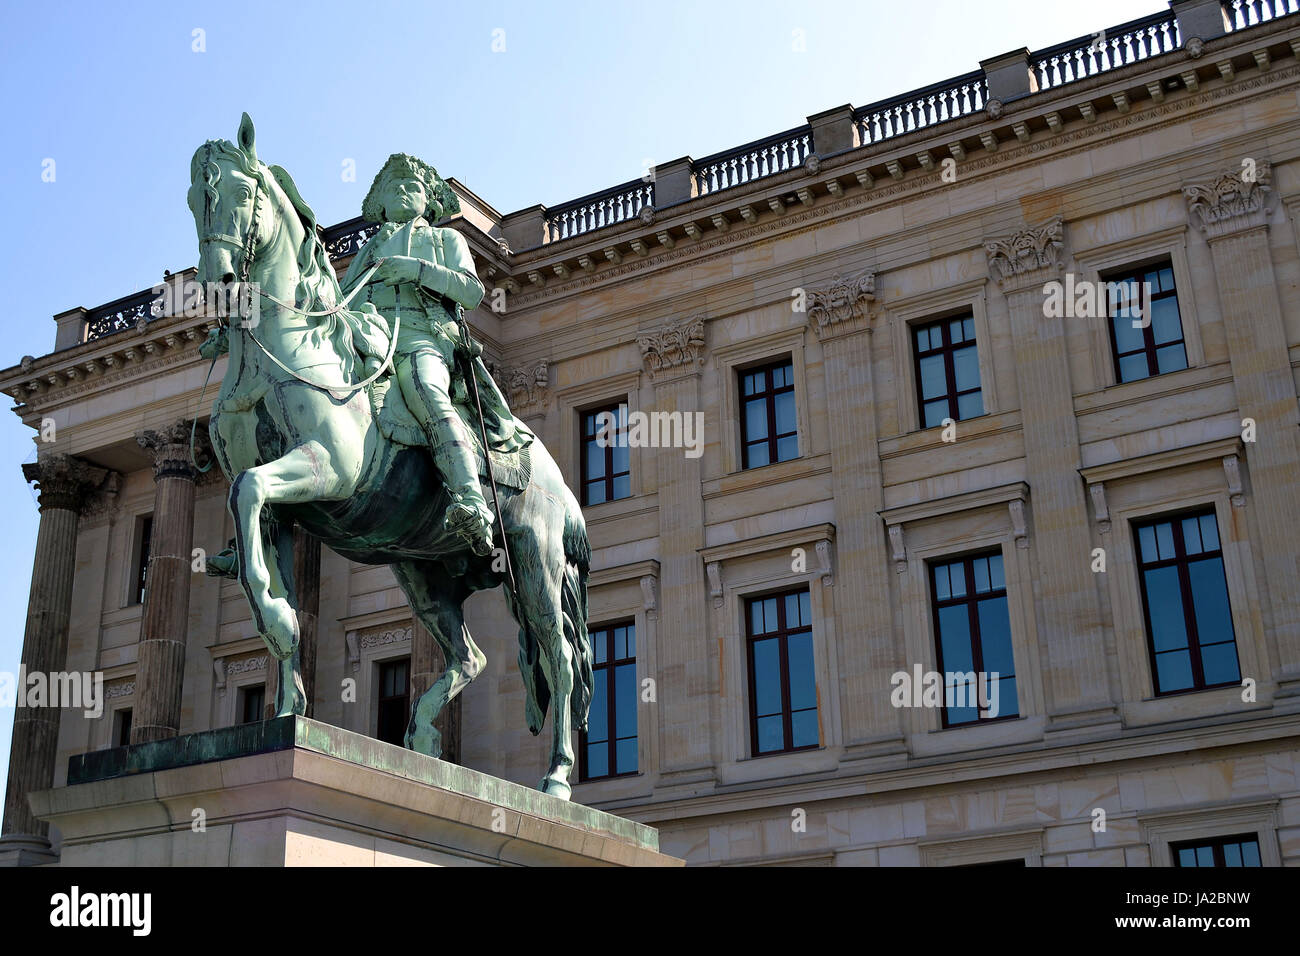 monument, prussia, duke, william, brunswick, monument, statue, prussia, duke, - Stock Image